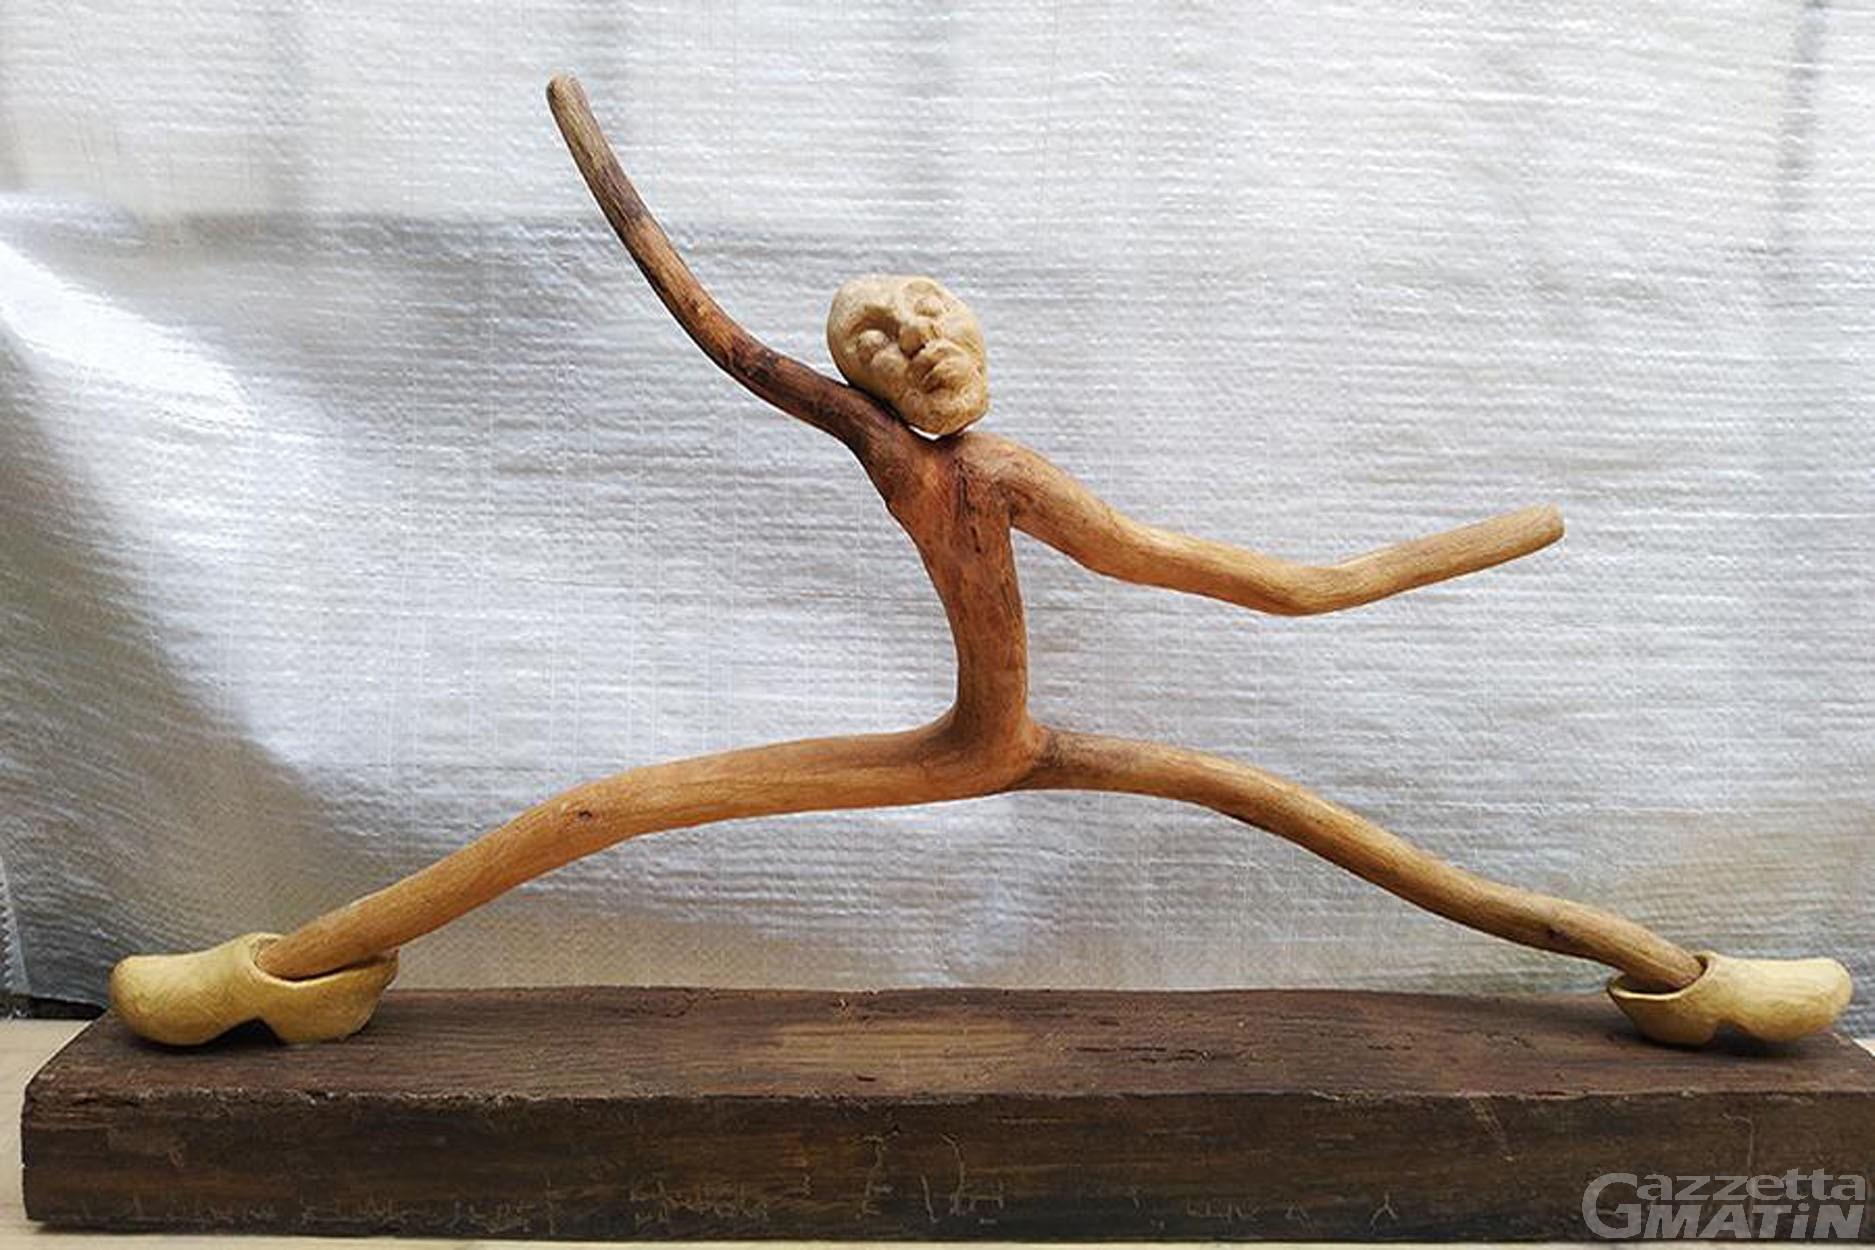 Mostre: al Main di Gignod inaugura Pandemonio tra vita, morte e miracoli